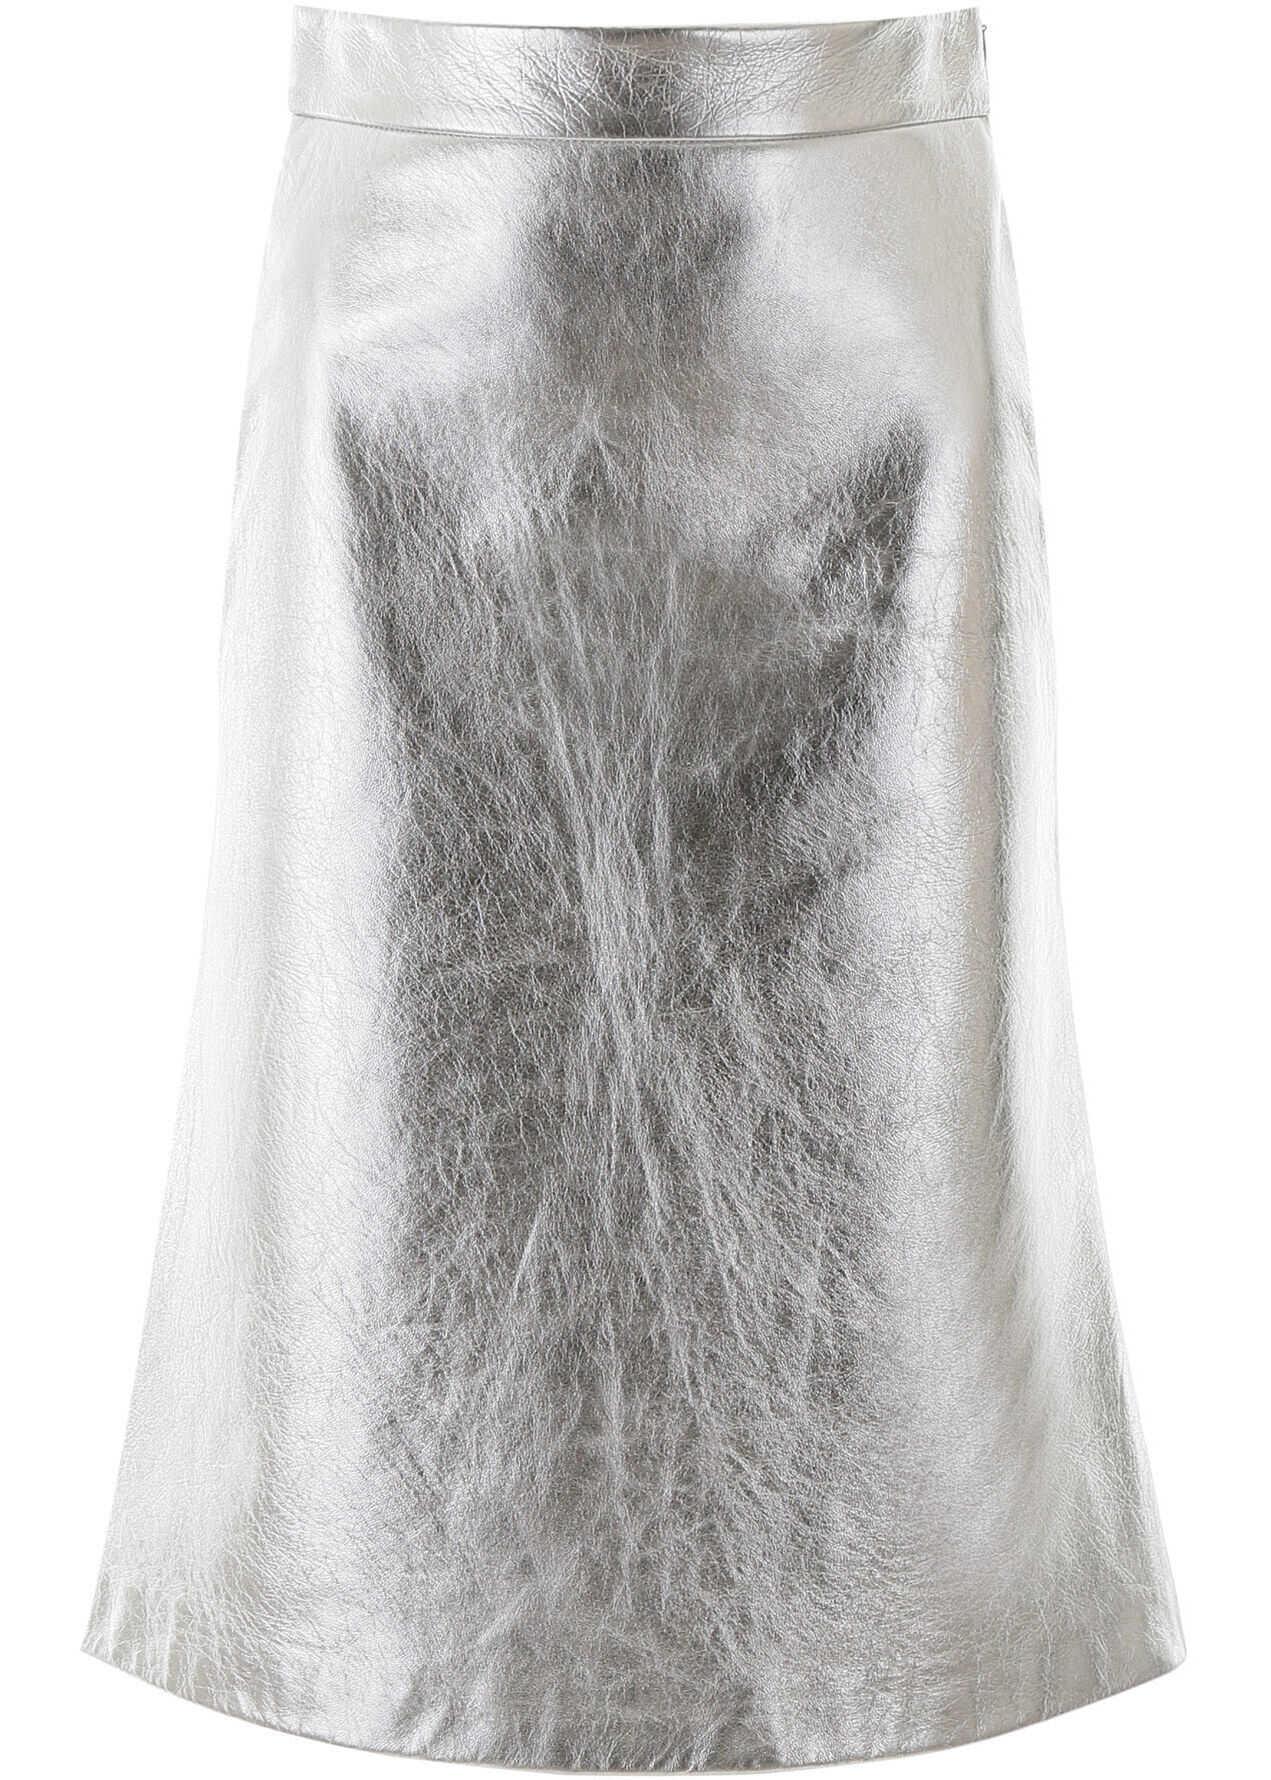 Prada Laminated Leather Skirt ARGENTO